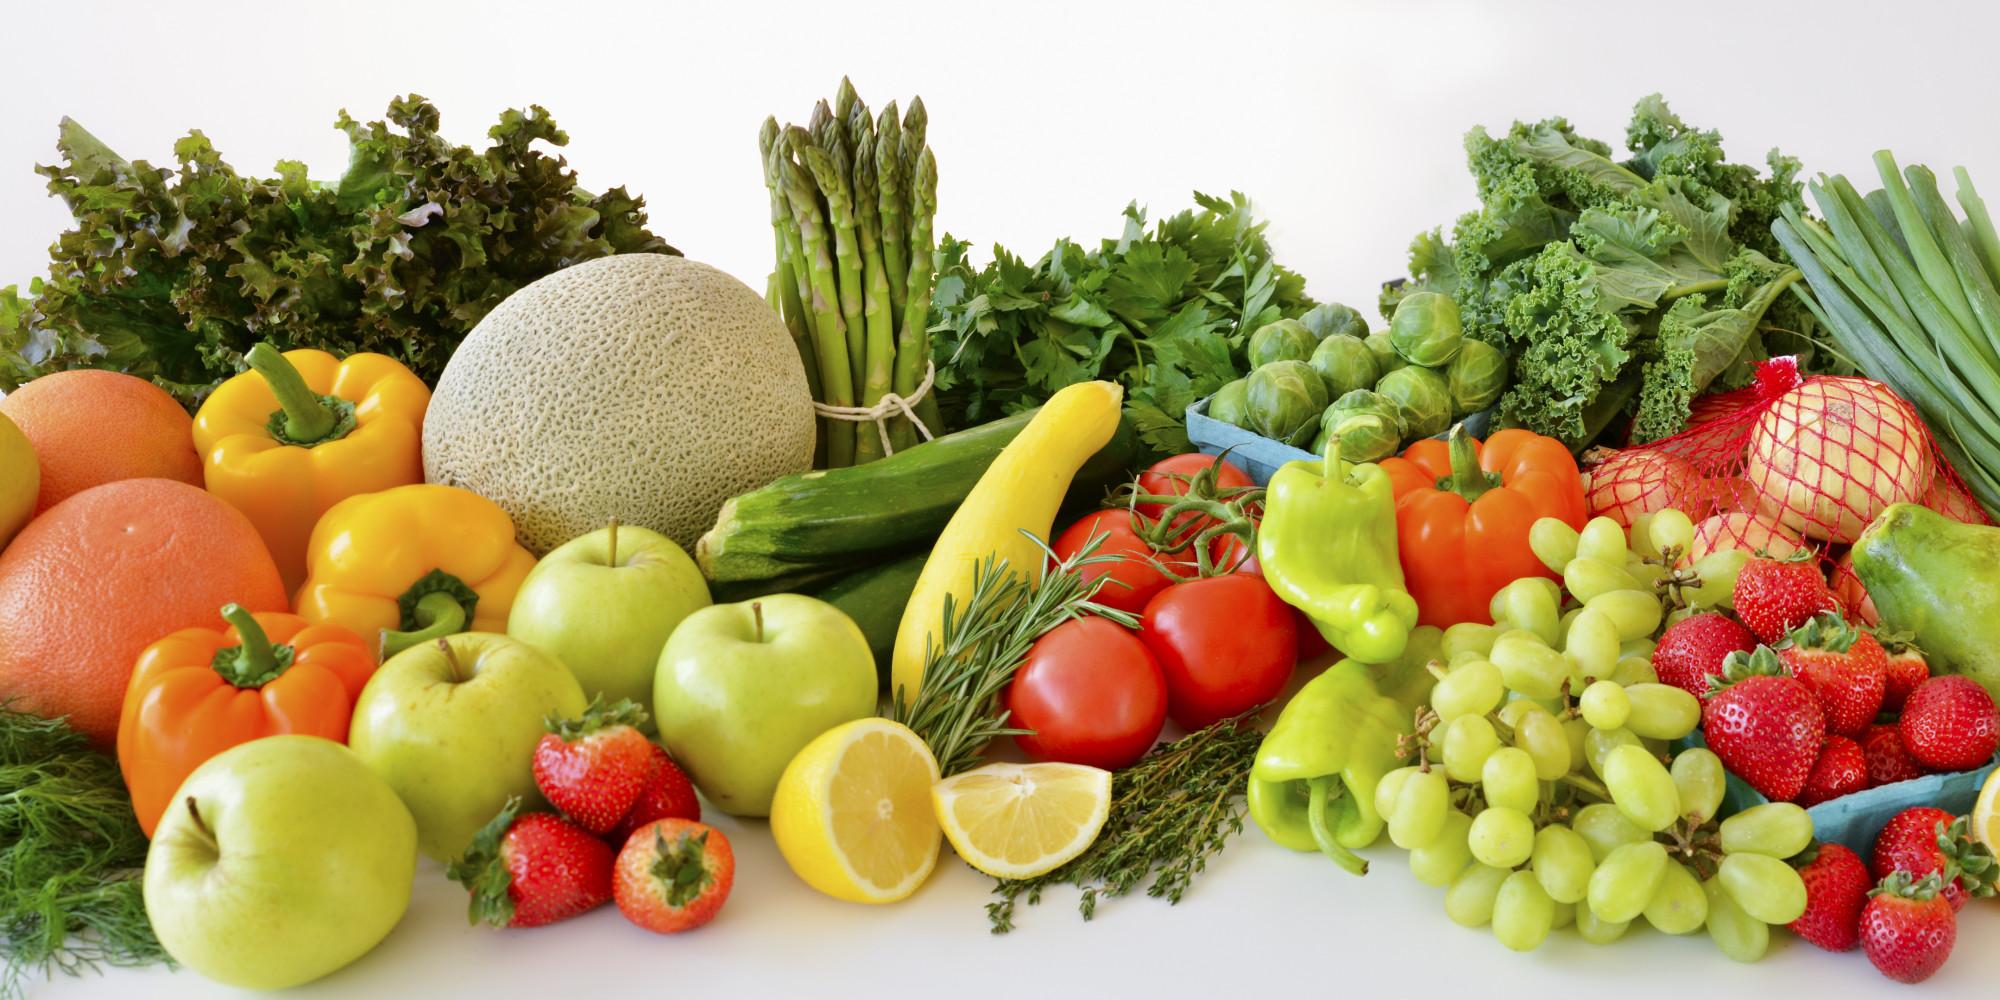 Favori Image Gallery legume fruit RD95